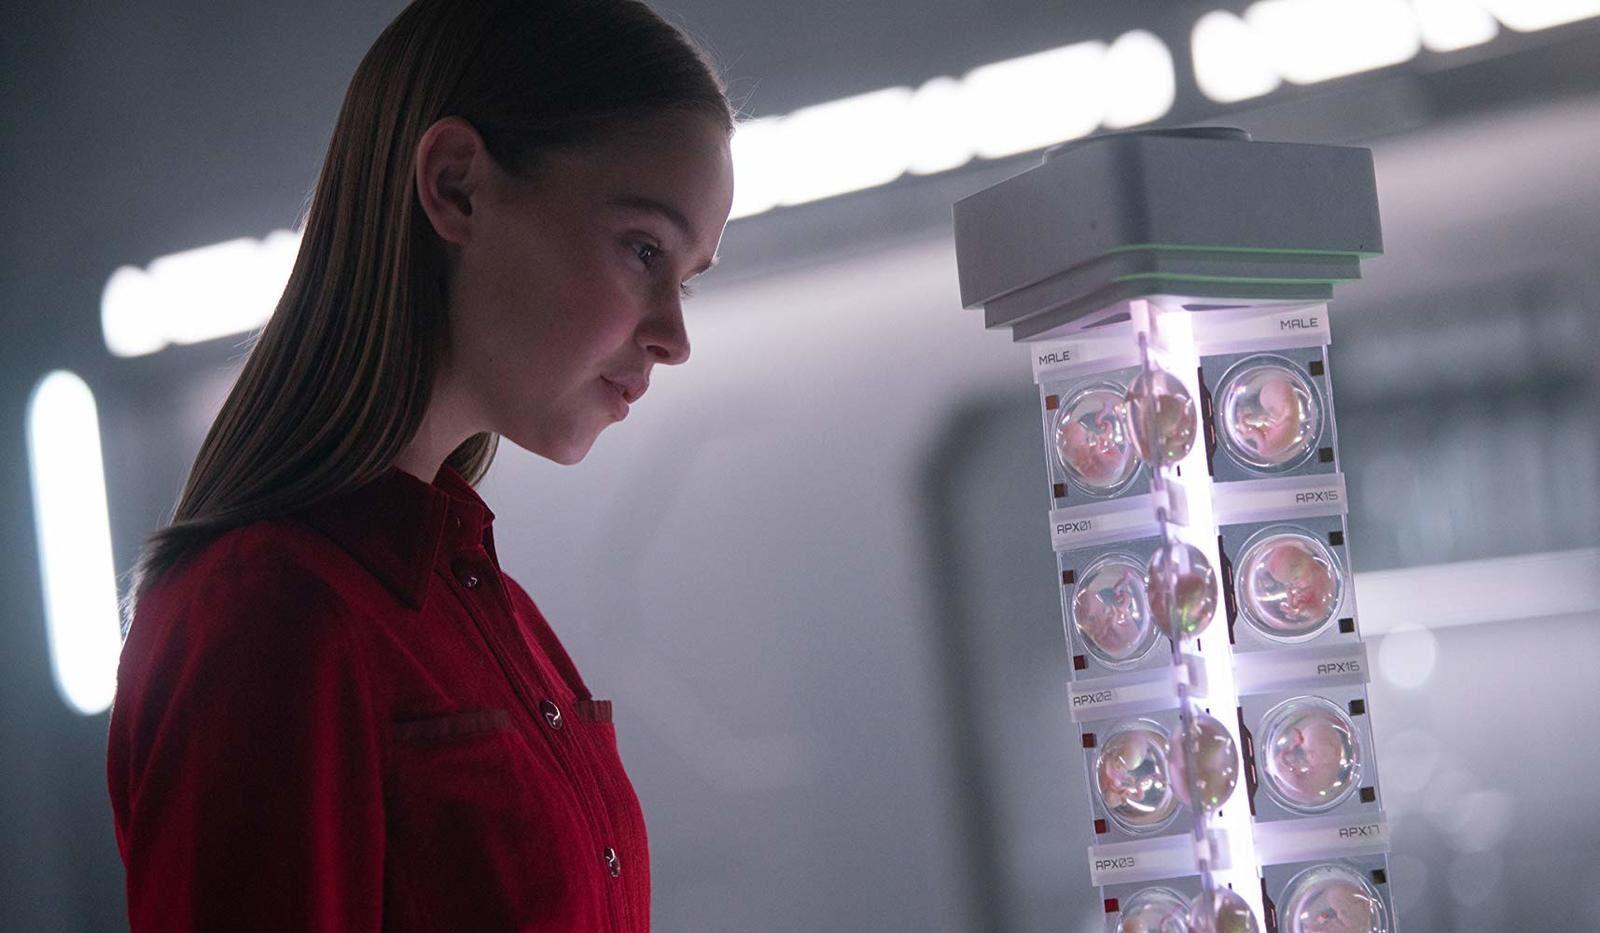 I am mother (BANDE-ANNONCE) avec Clara Rugaard, Hilary Swank, Rose Byrne sur Netflix le 7 juin 2019